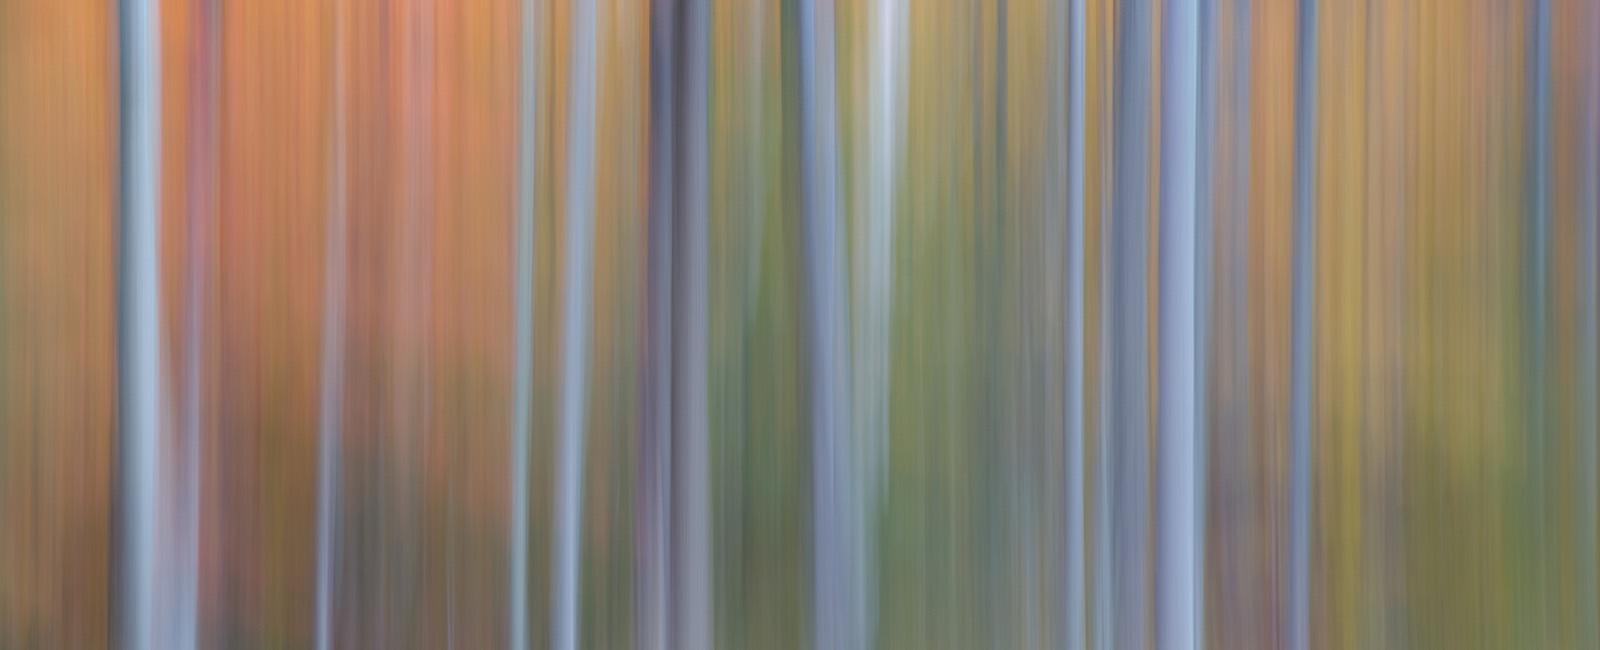 Matt Hansen Photography